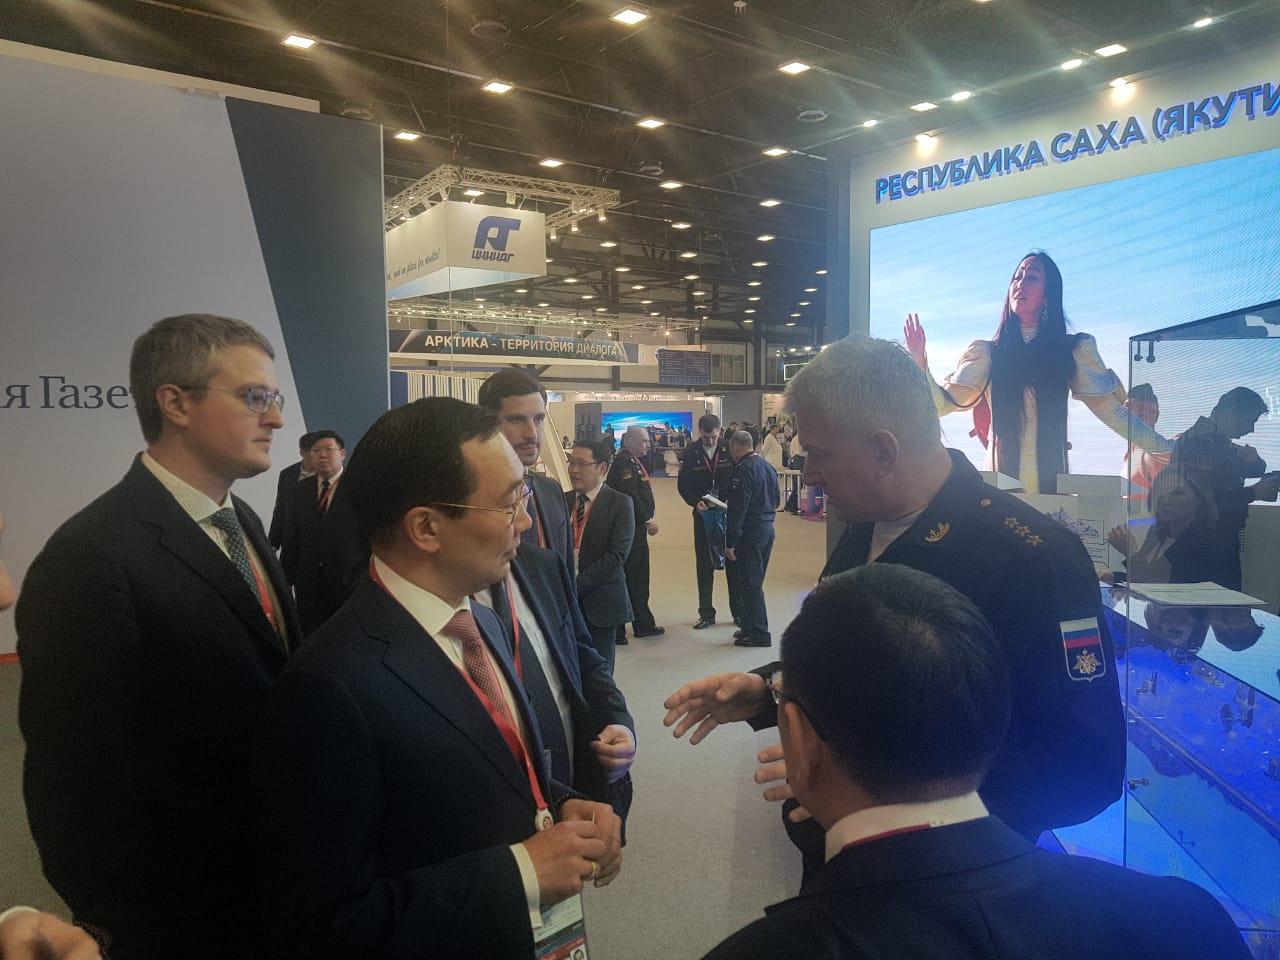 Айсен Николаев и командующий Северным флотом Николай Евменов подписали соглашение о сотрудничестве